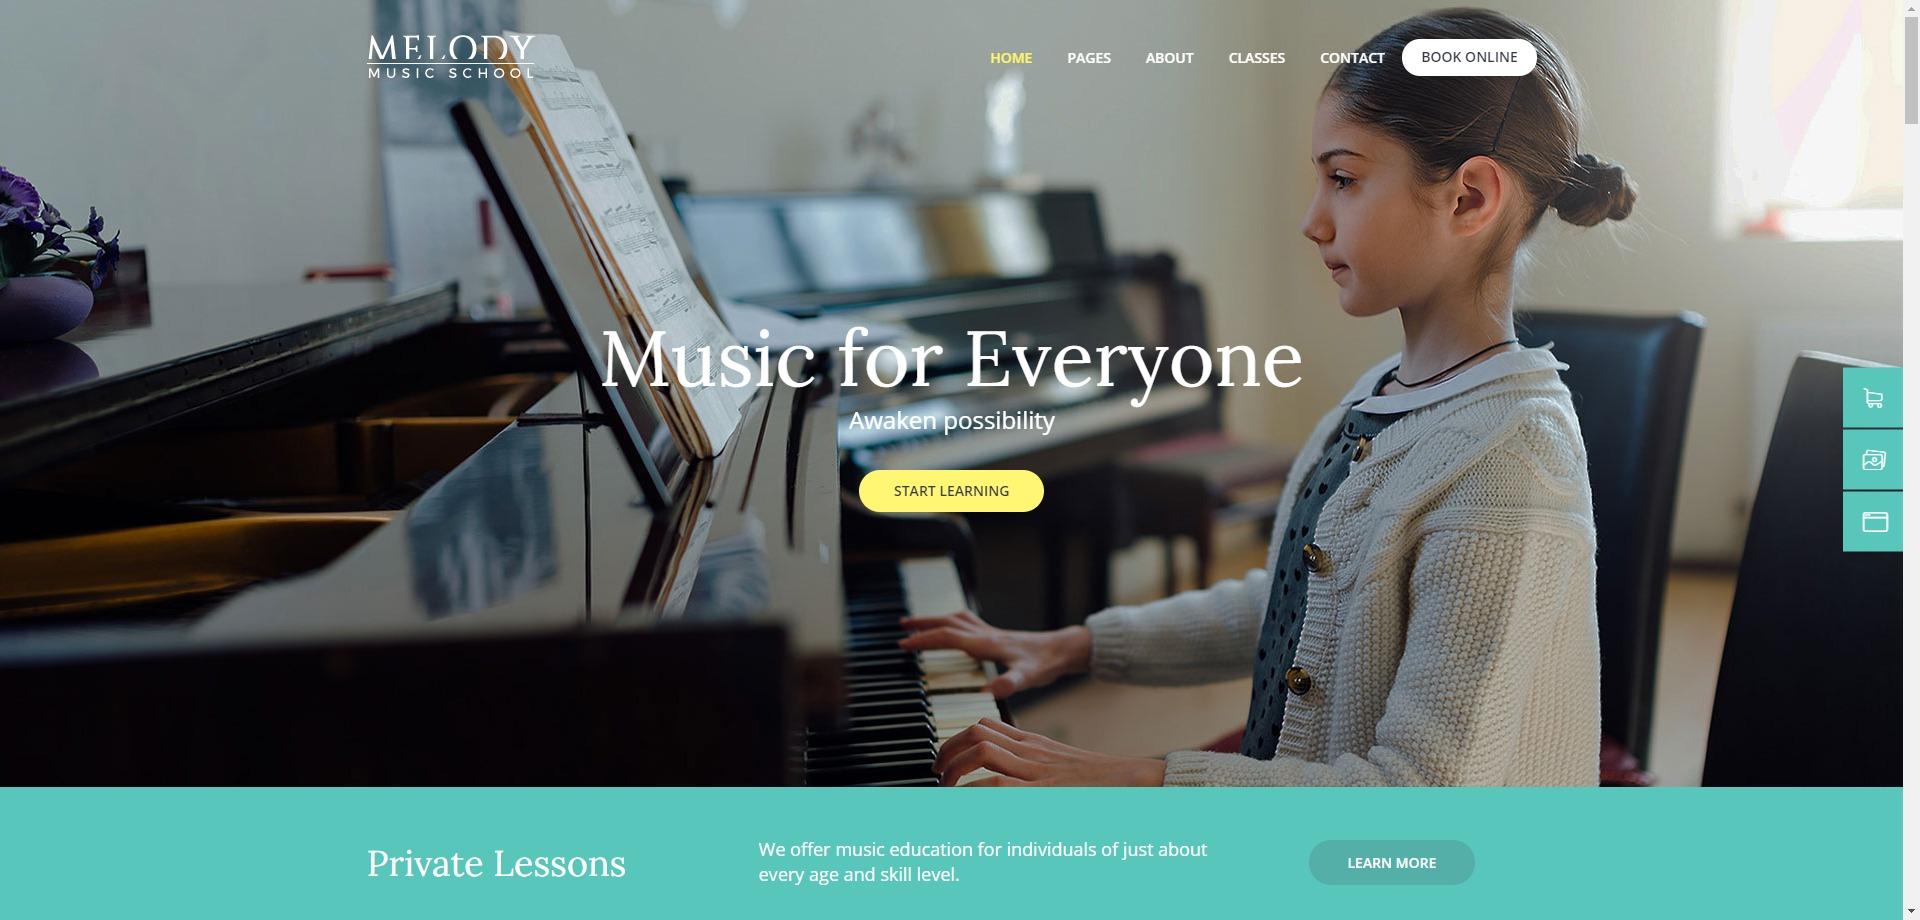 Melody-音乐艺术学院钢琴小提琴 WordPress 主题